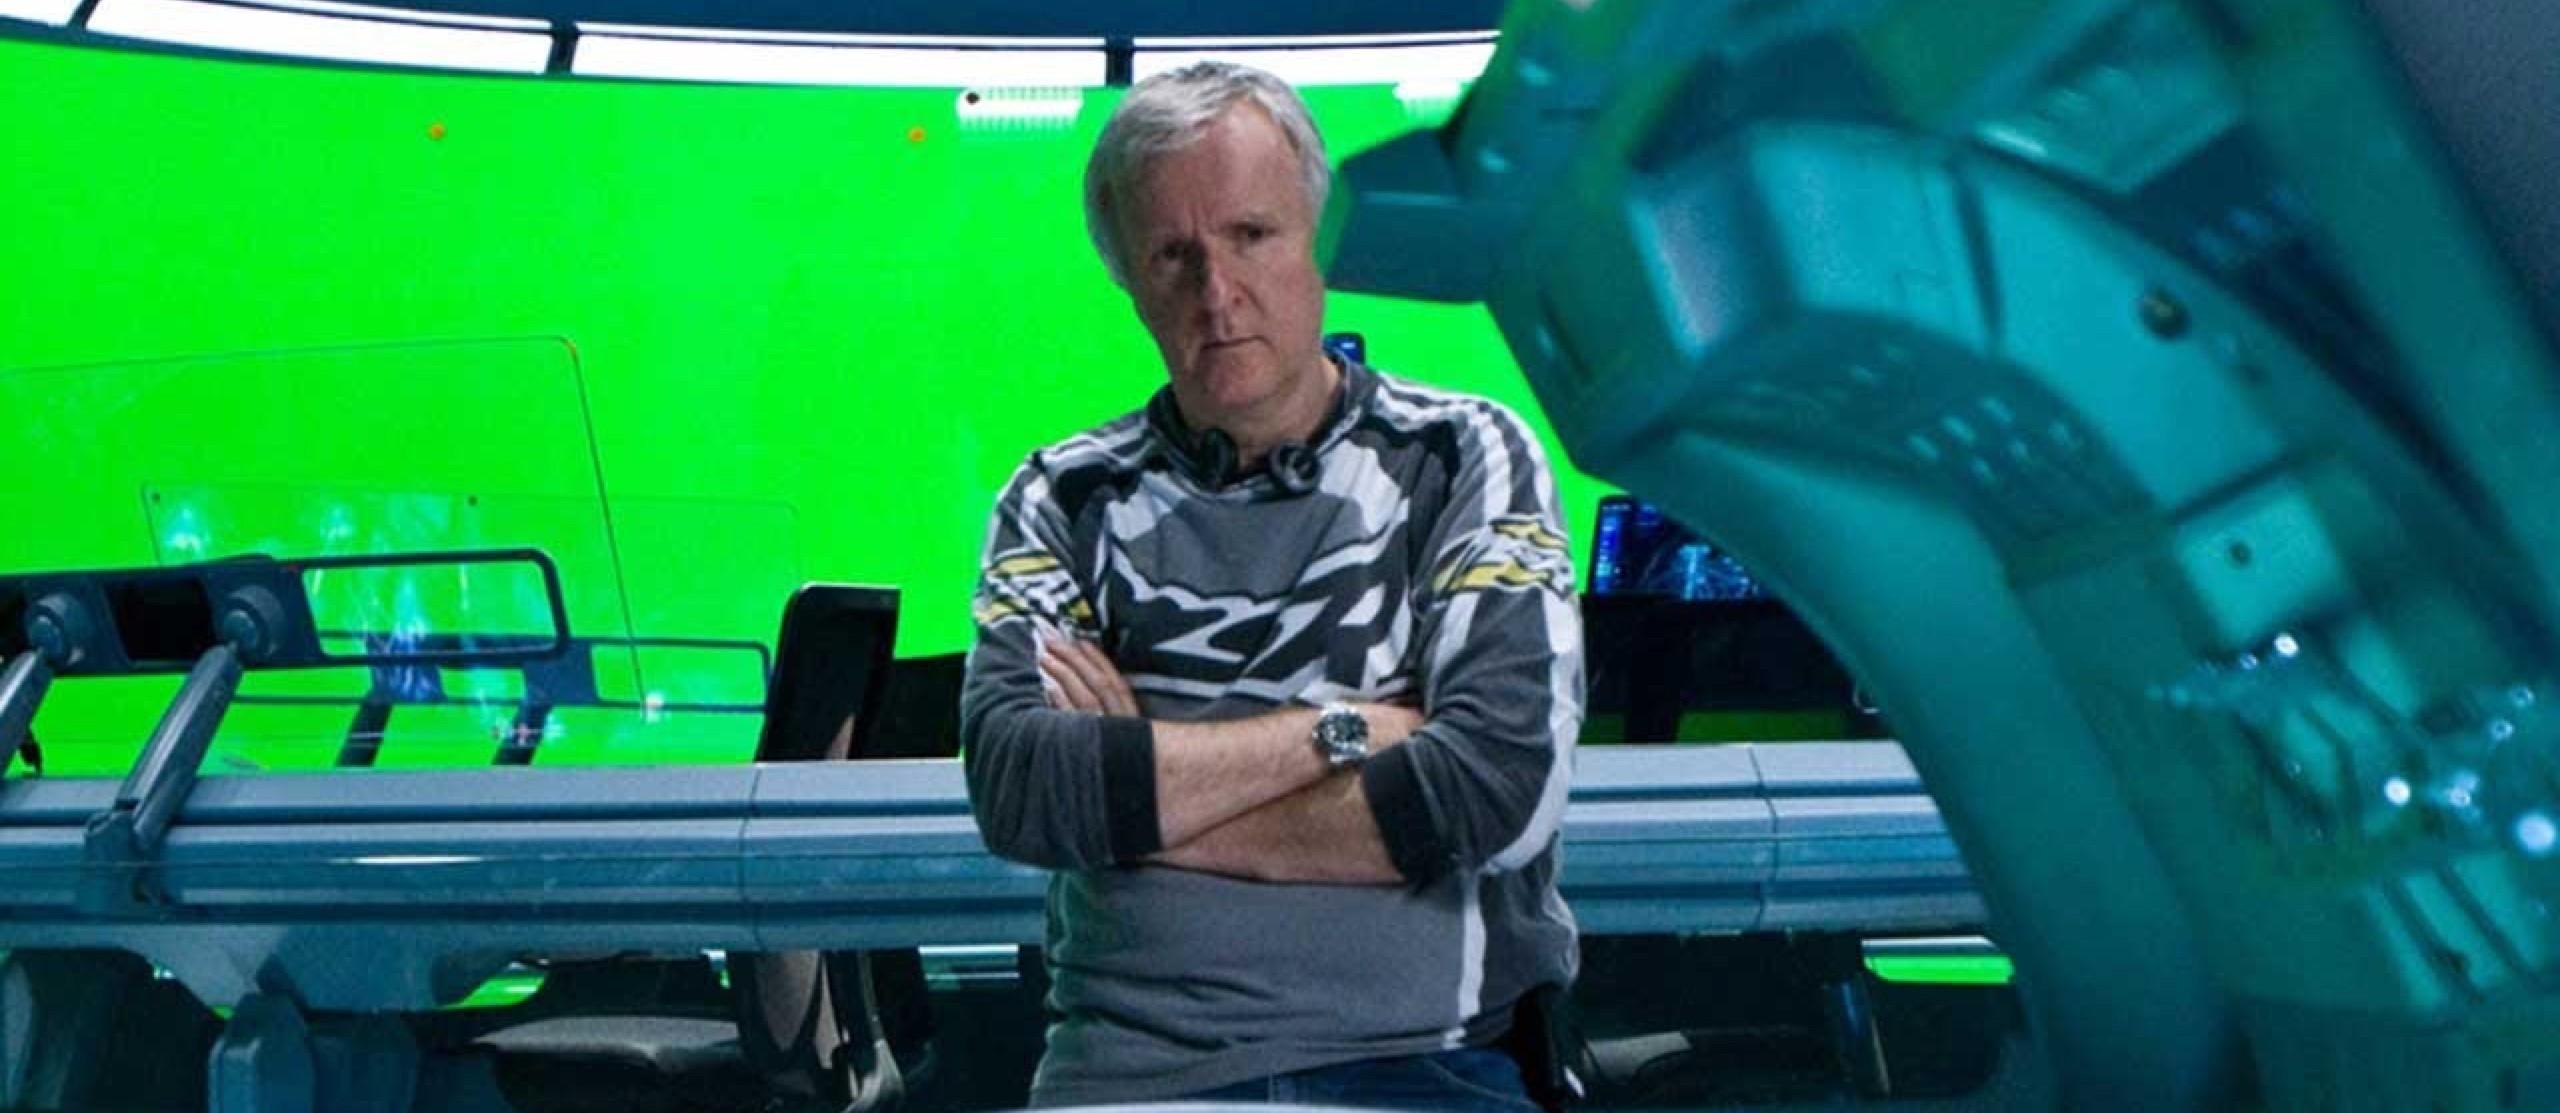 Đạo diễn James Cameron đang ở New Zealand đểquay Avatar 3.